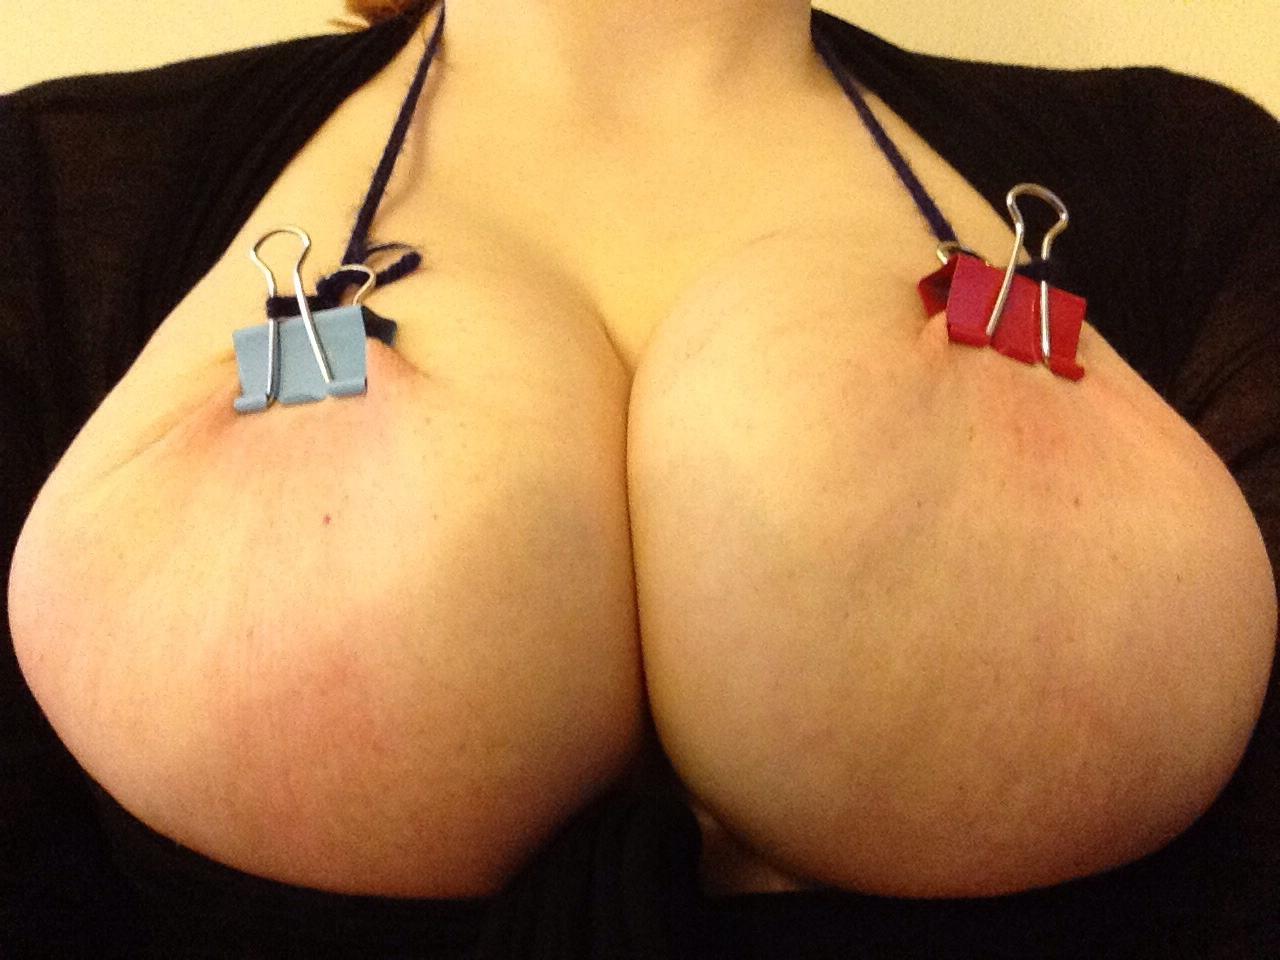 【乳首エロ画像】(※閲覧注意)見てる方も痛い痛い!乳首が歪みそうな挟み責め(゜ロ゜ノ)ノ